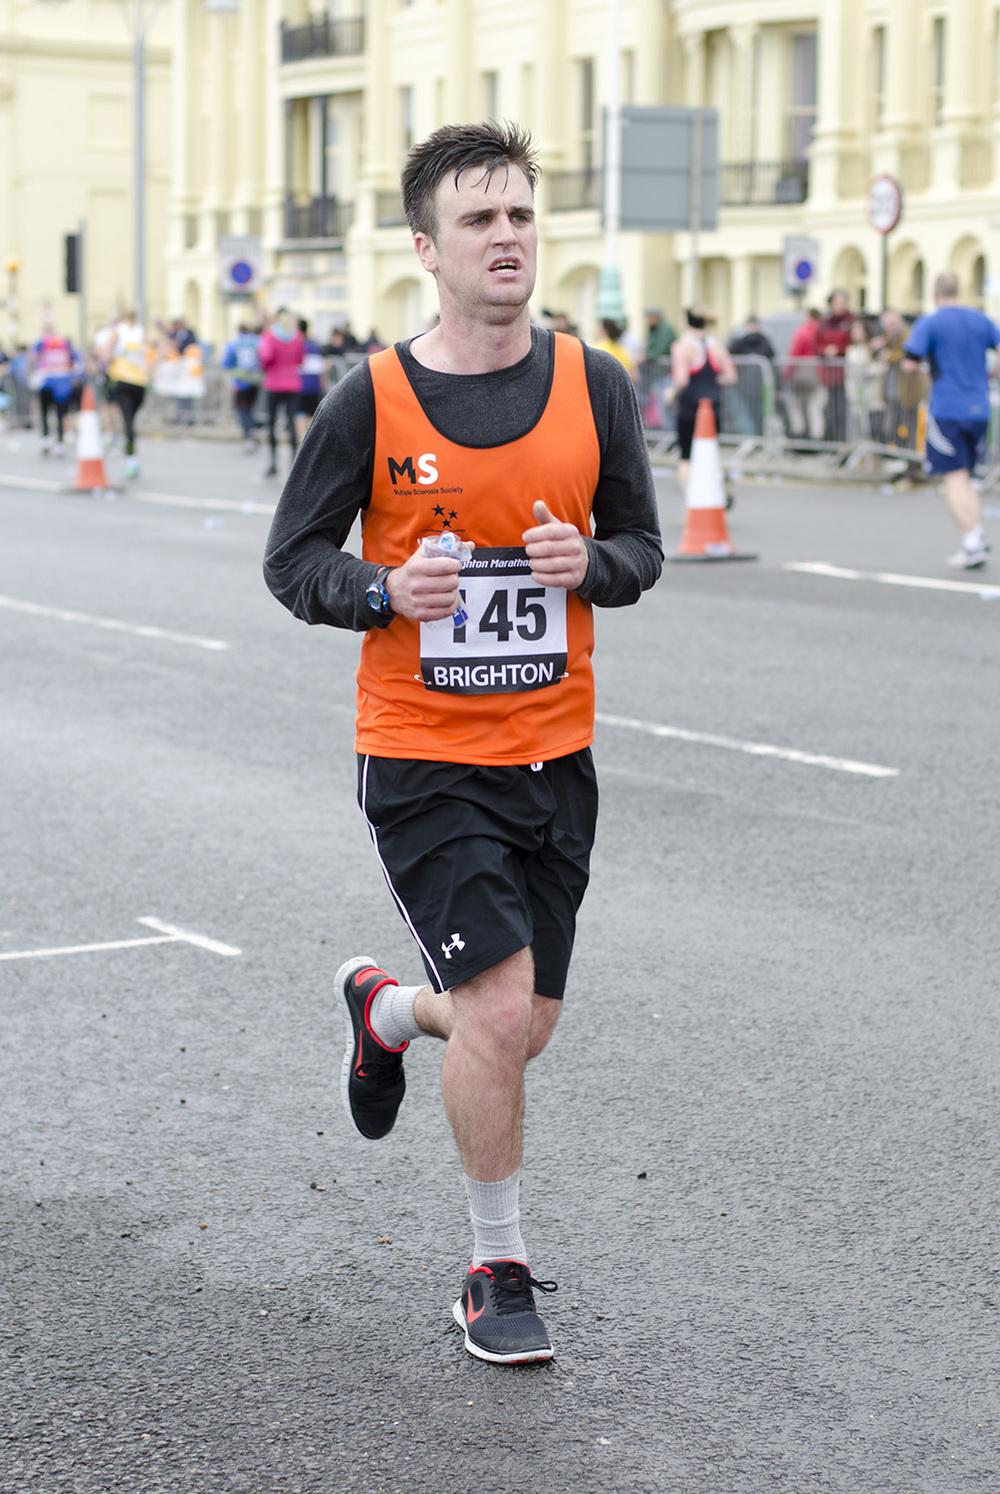 Brighton Marathon 2014 - Mile 24.75